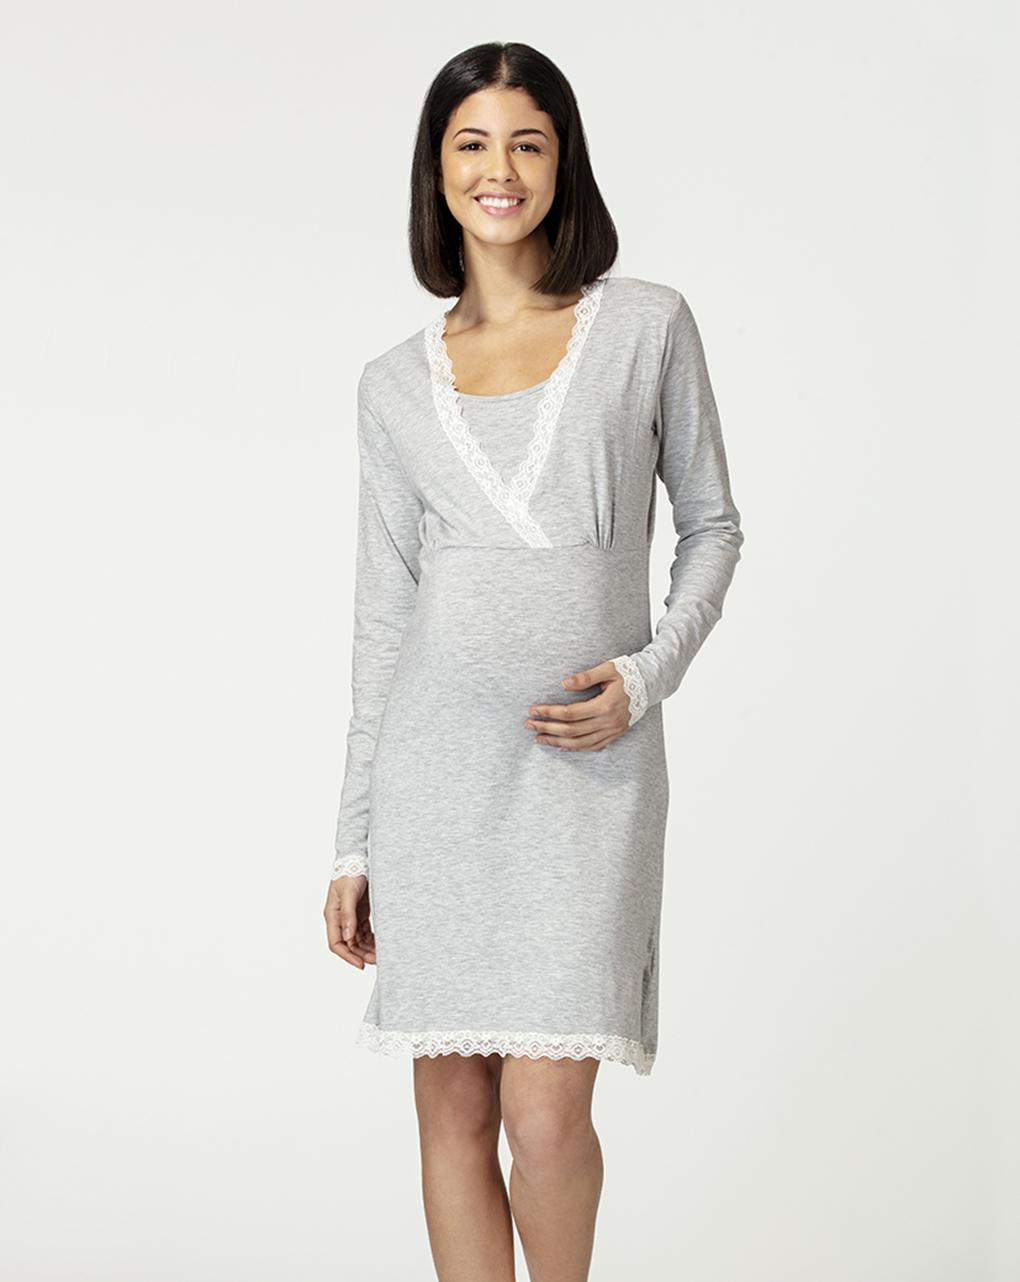 Camicia da notte allattamento con inserti in pizzo bianco - Prénatal